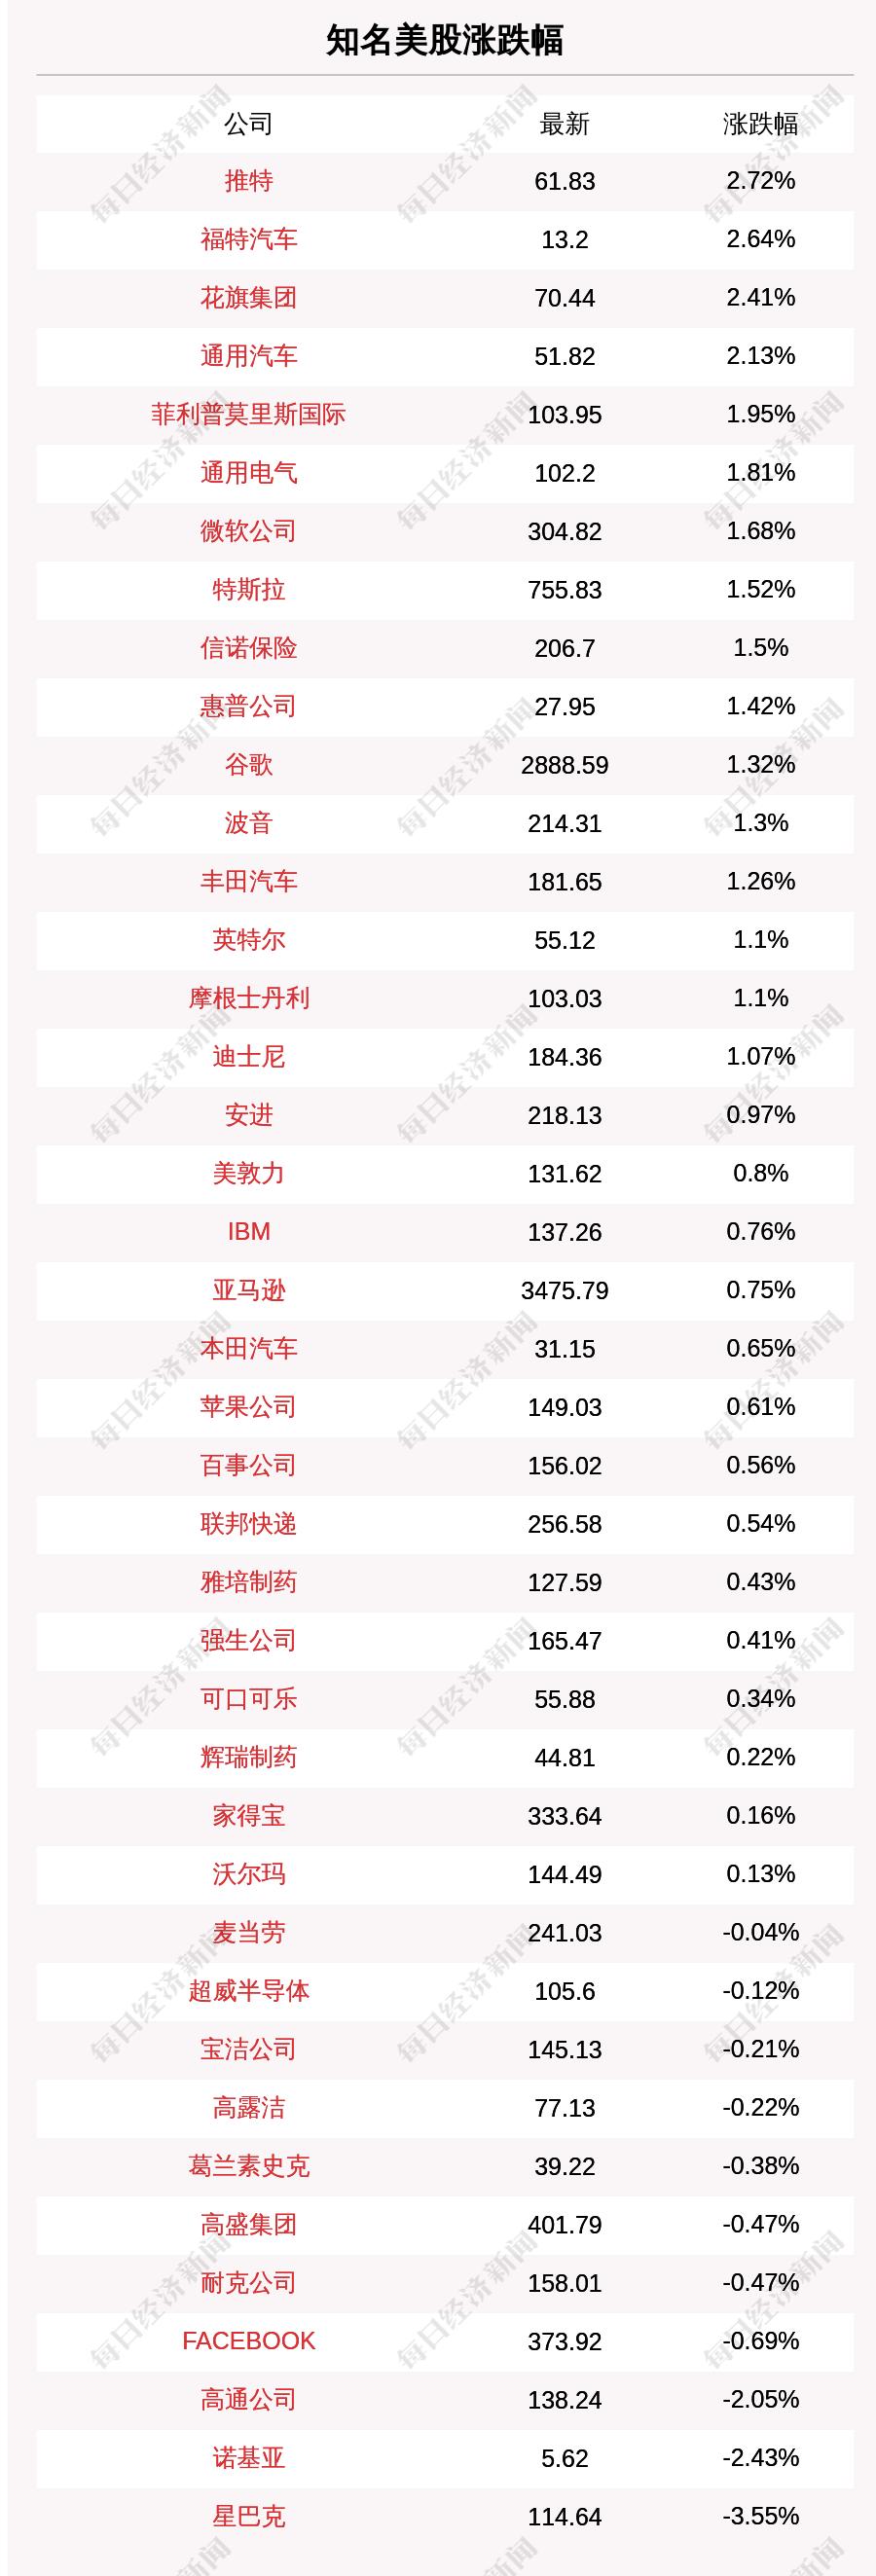 9月16日知名美股收盘情况一览